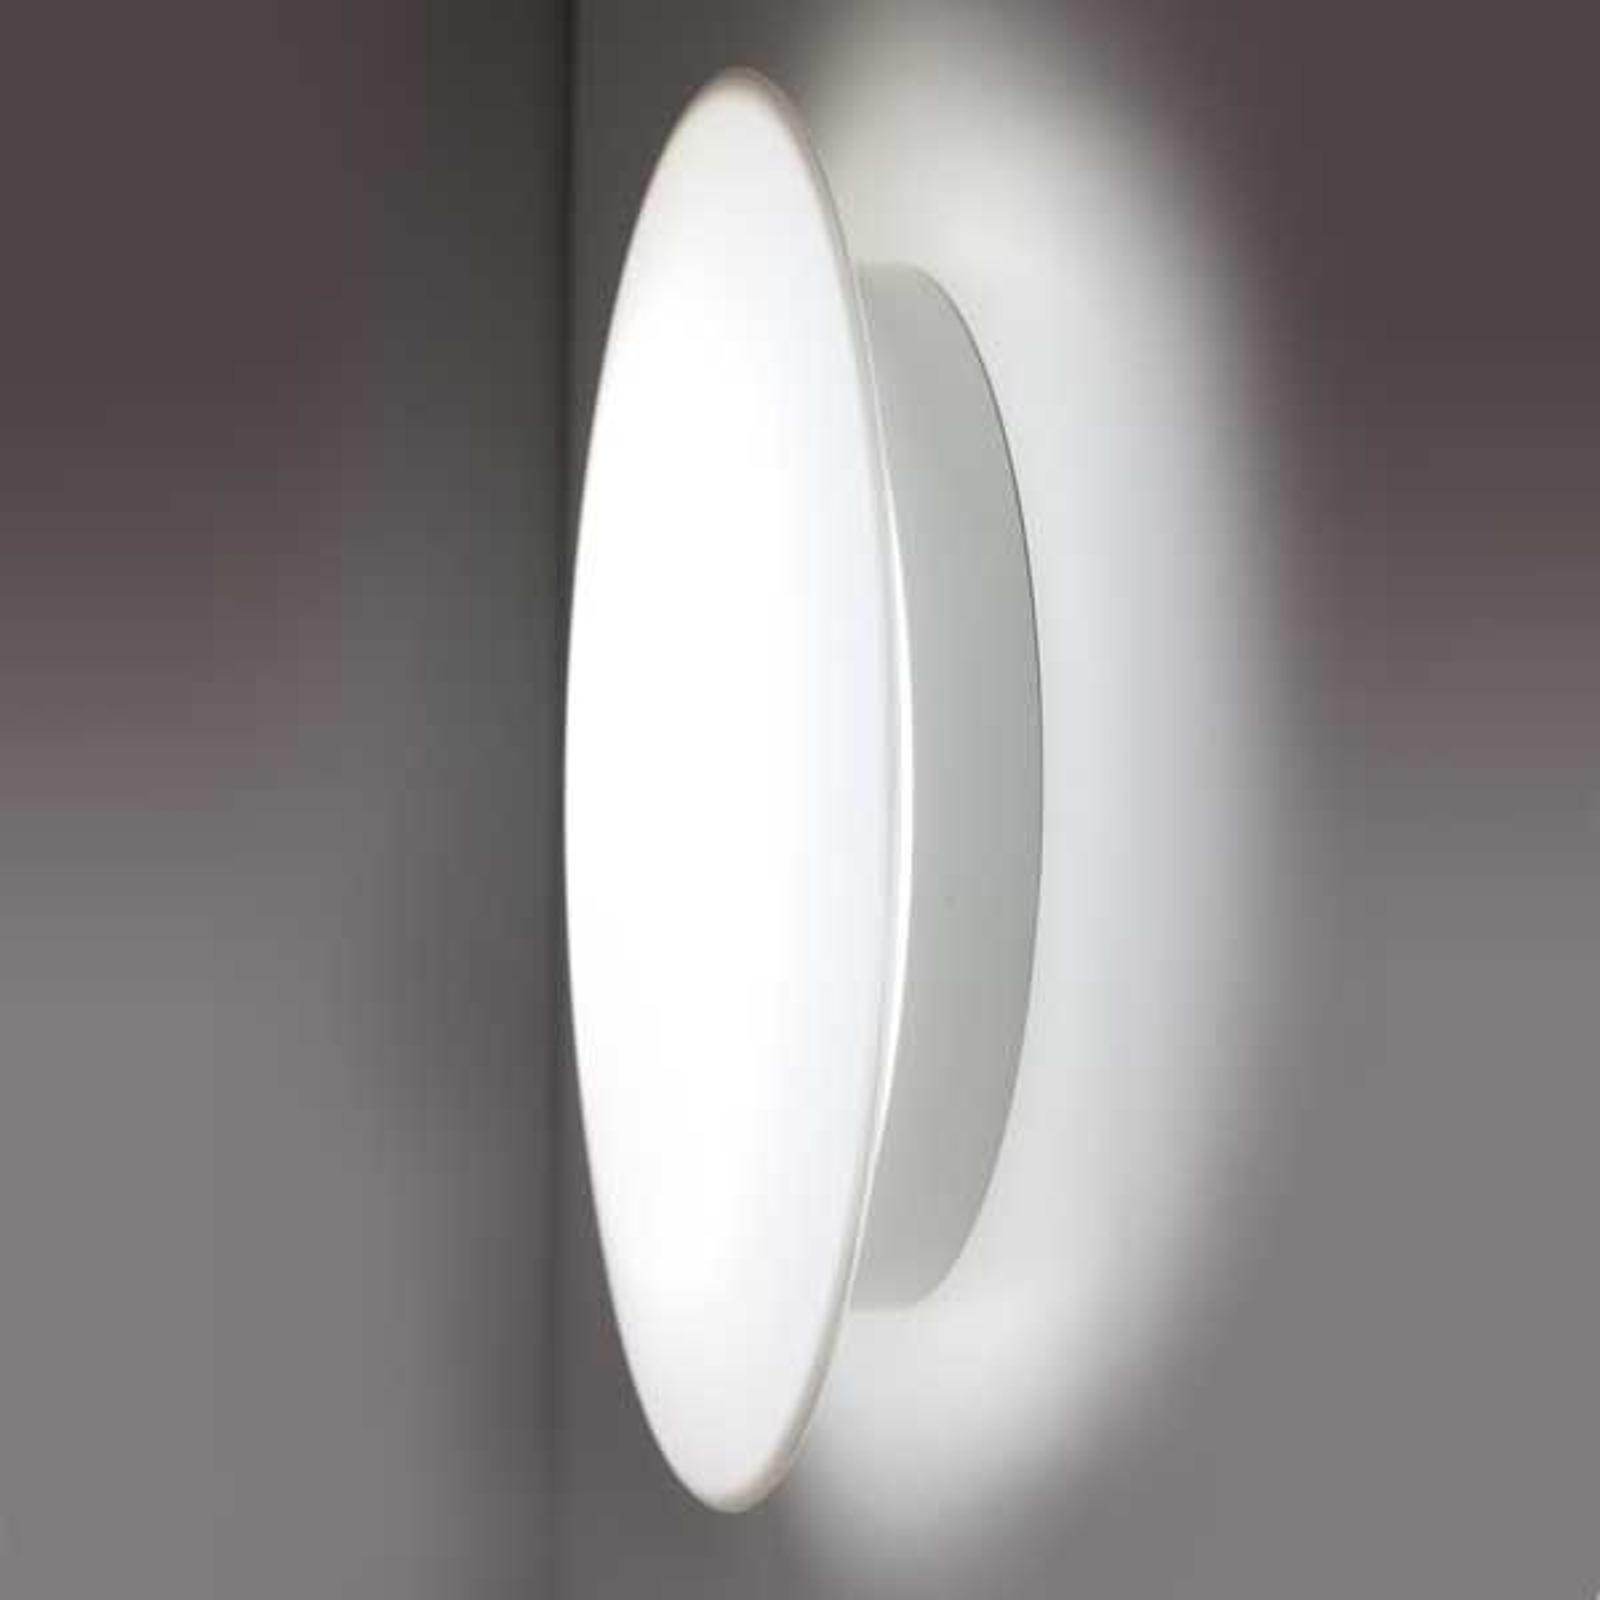 SUN 3 – tulevaisuuden LED-valaisin, valk., 13W 4K